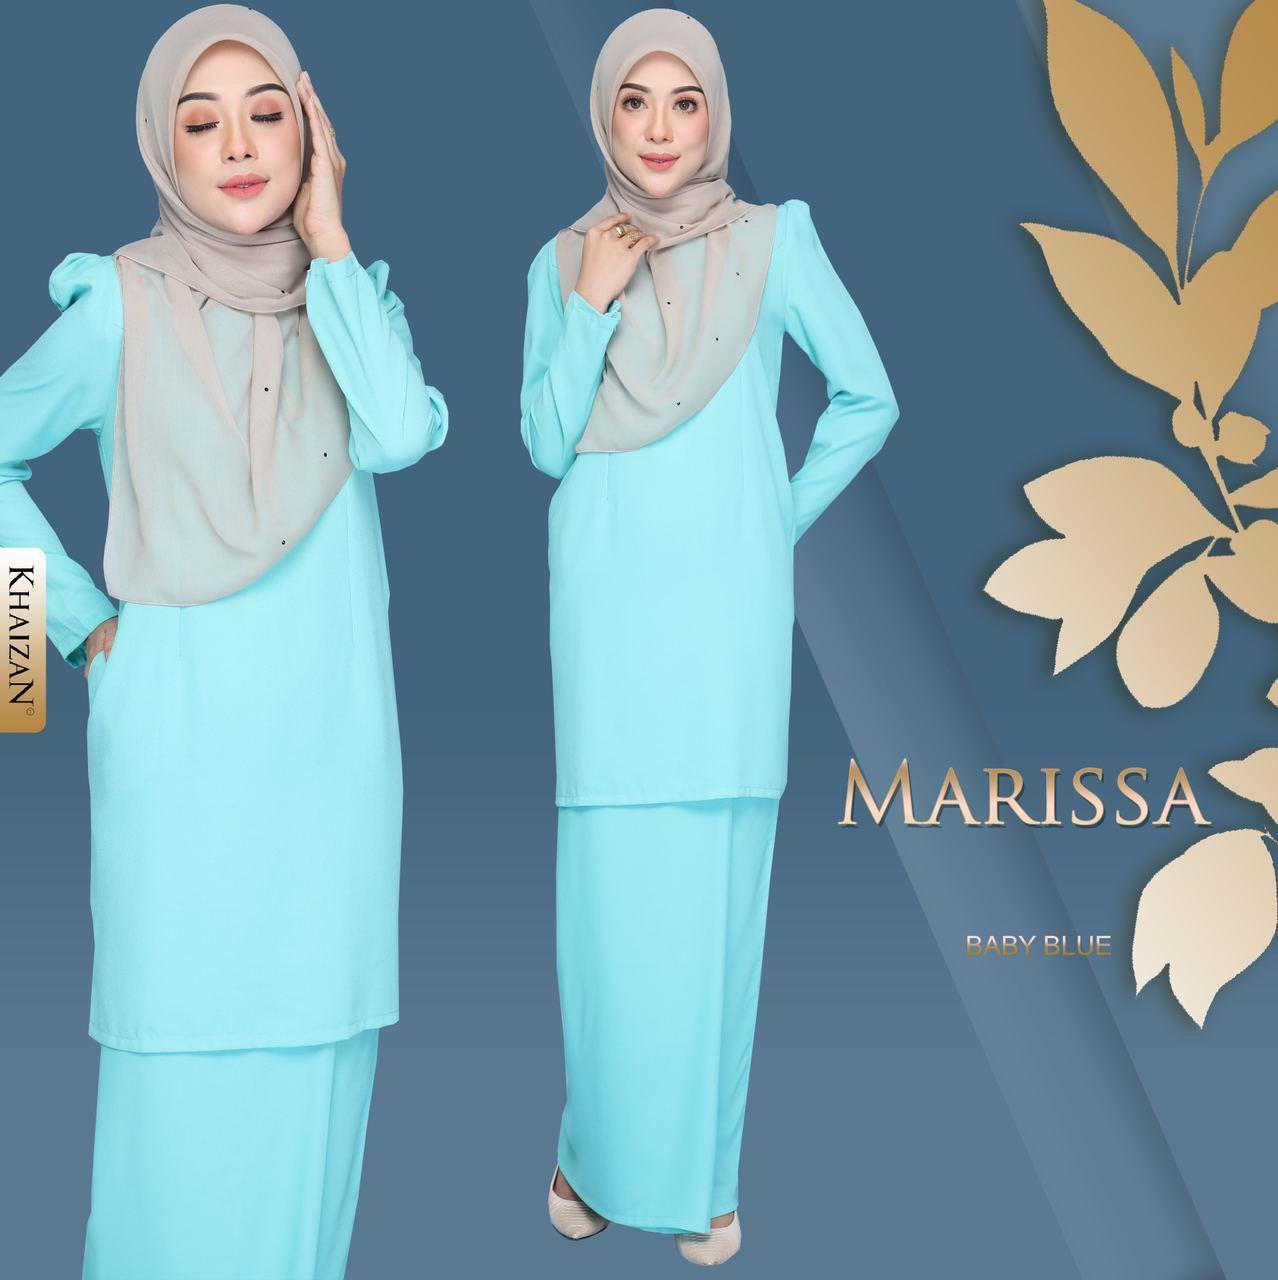 MISS MARISSA - BABY BLUE